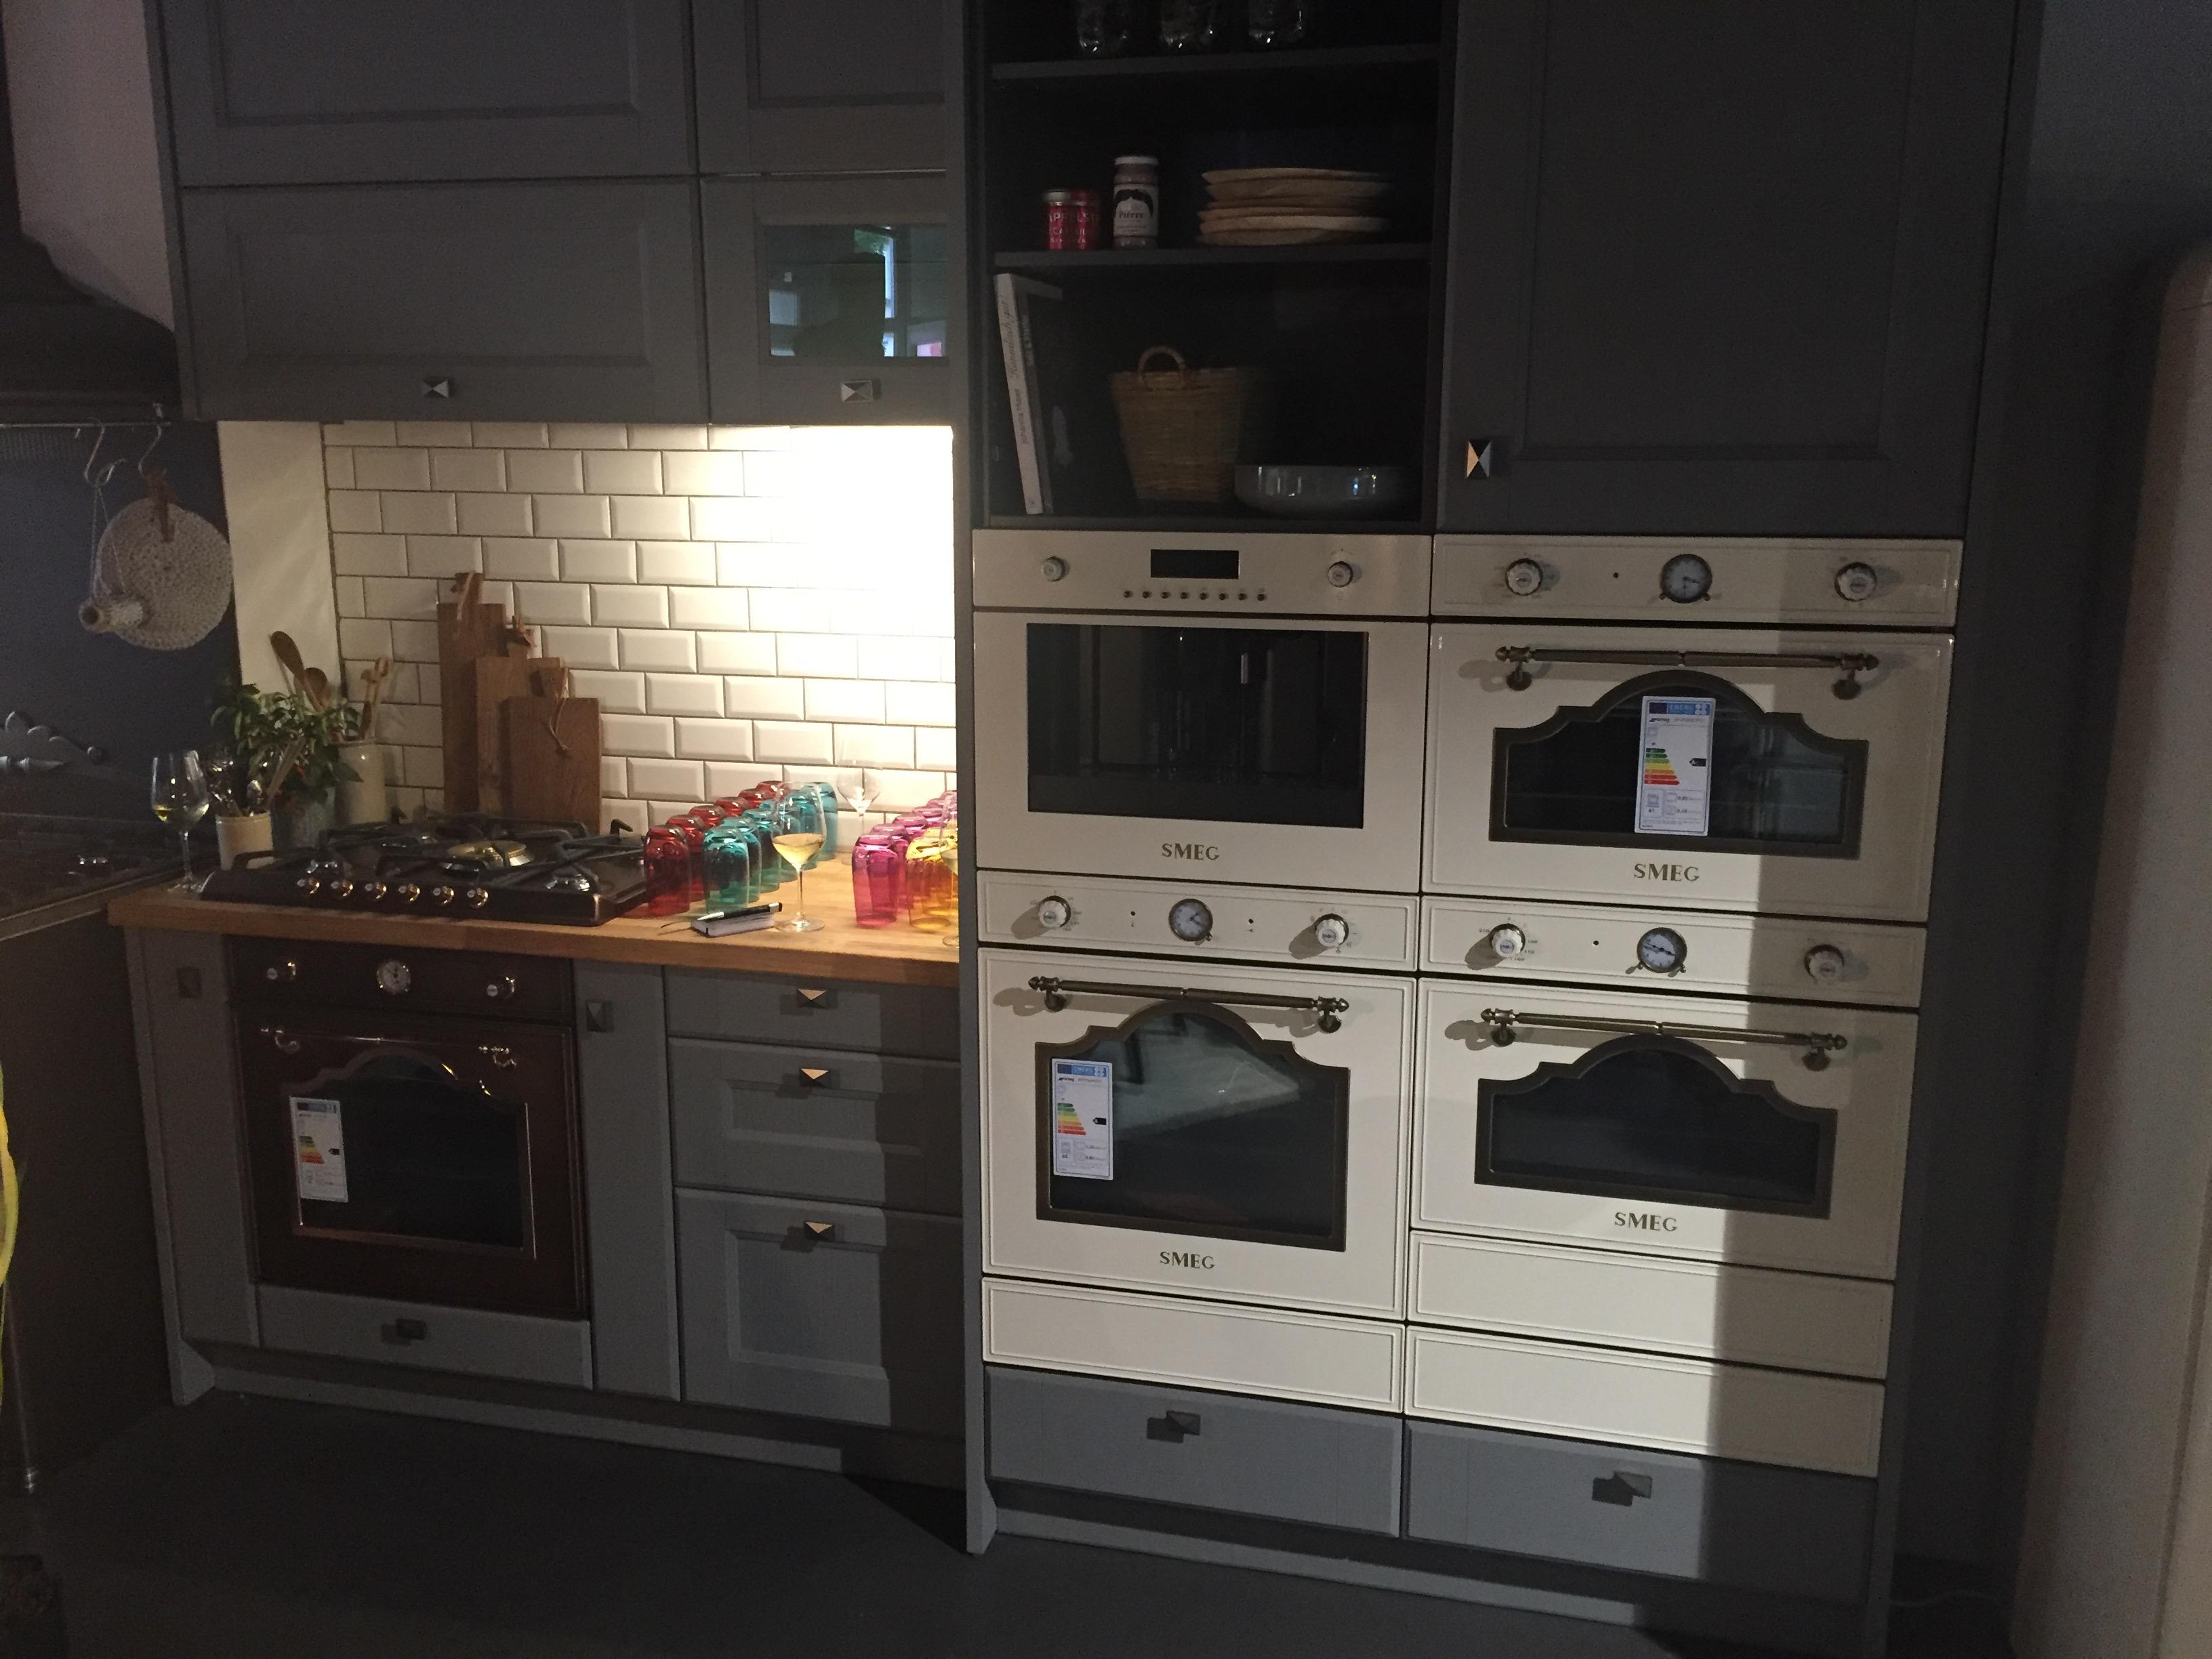 Smeg Kühlschrank Kundendienst : Smeg münchen küchen info